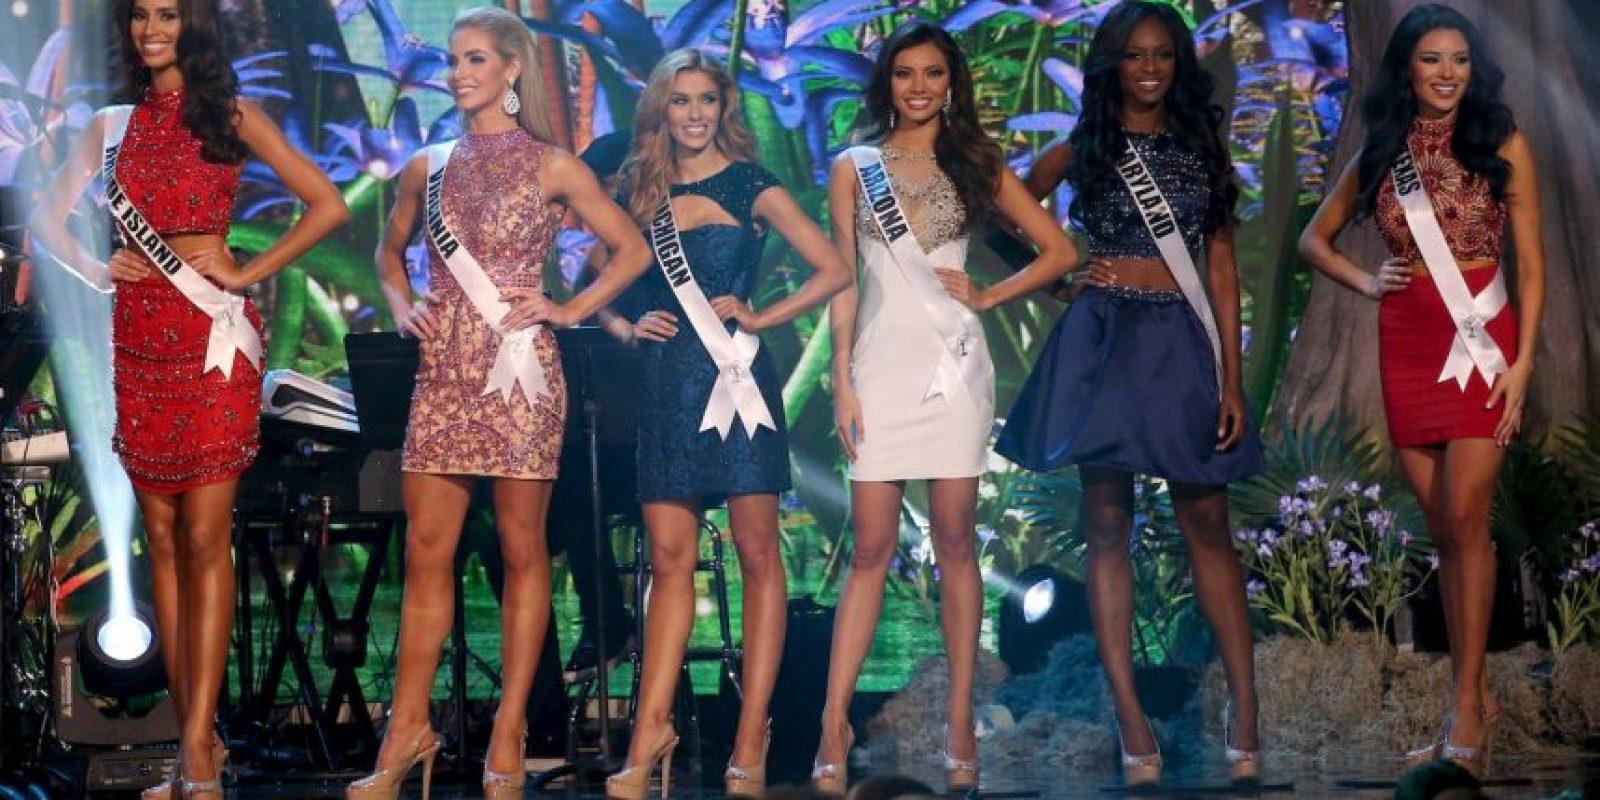 El certamen de Miss USA estuvo envuelto en la polémica a causa de los comentarios de Donald Trump Foto:Getty Images